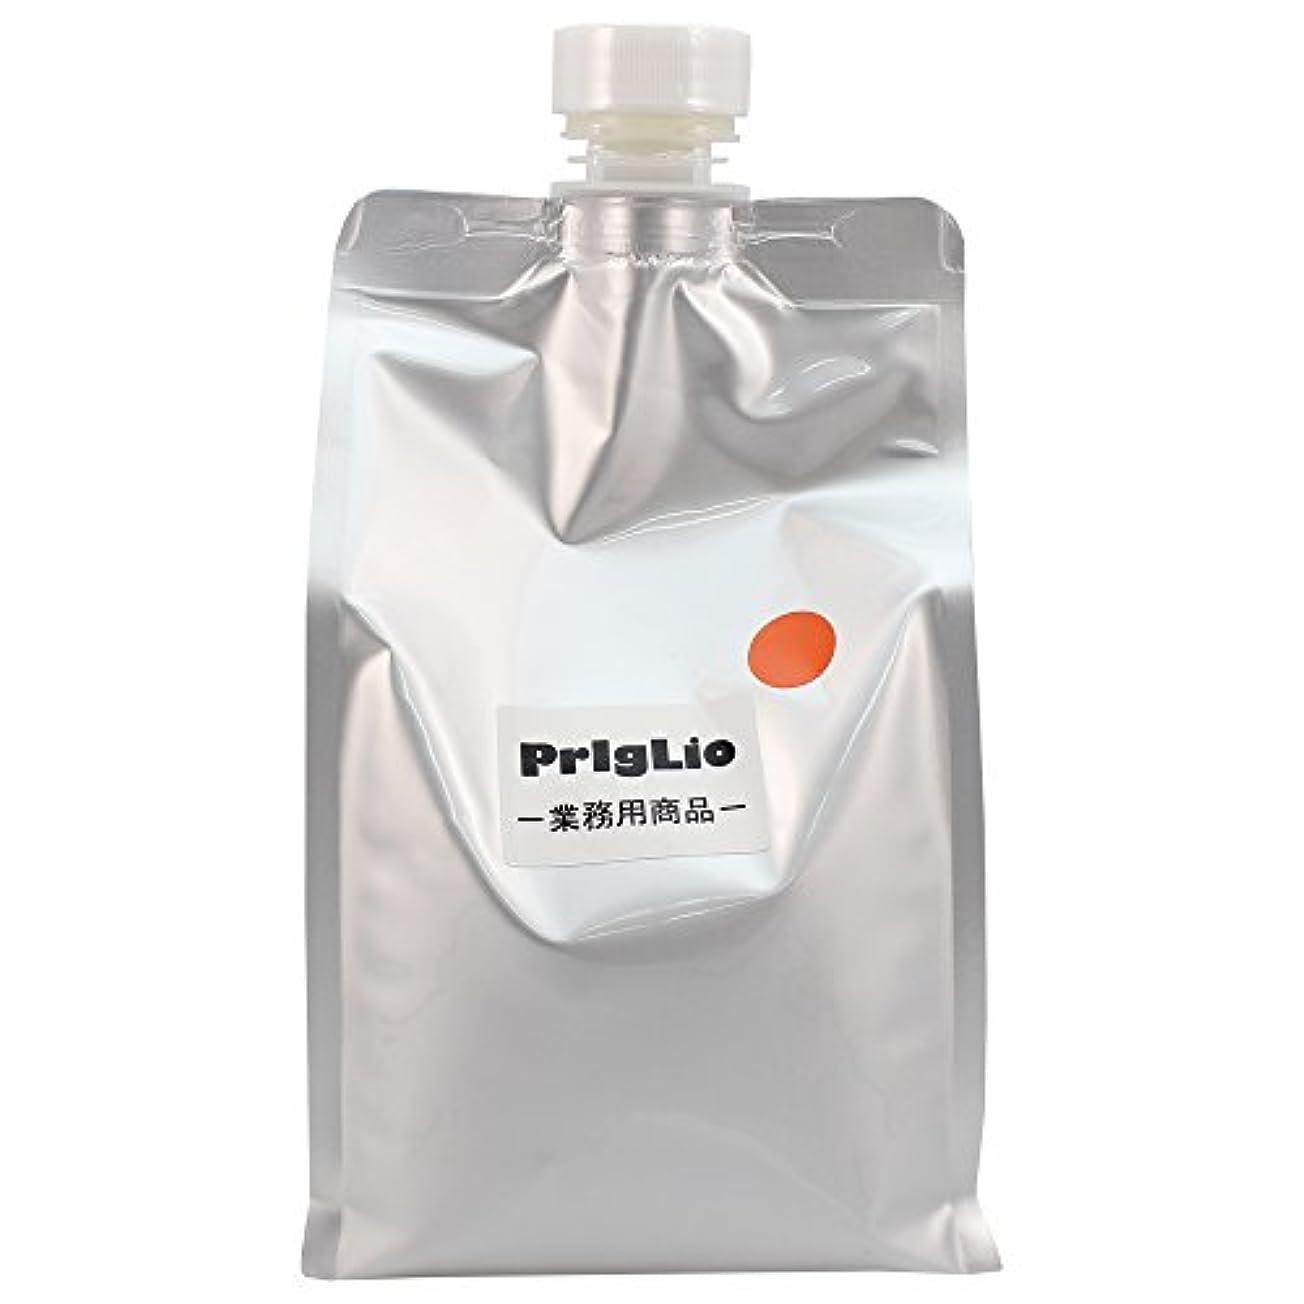 例外アトミックただプリグリオD ナチュラルハーブシャンプー オレンジ 900ml